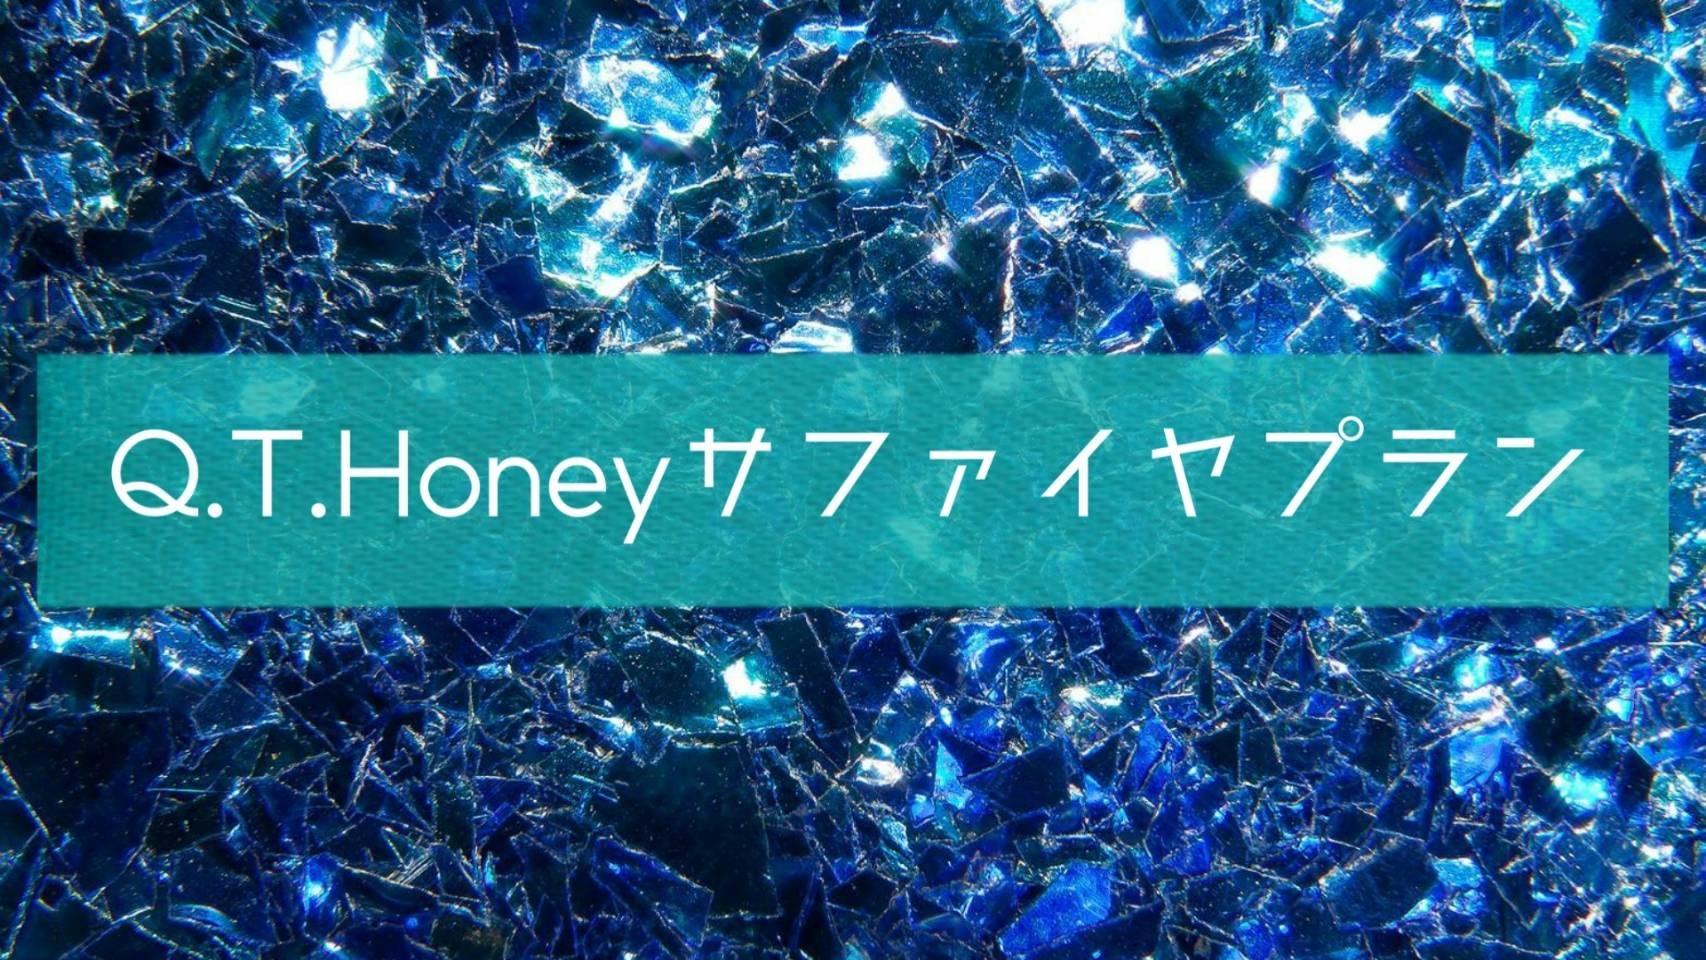 ☆〜追加プラン〜〈Q.T.Honeyサファイアプラン〉限定5名